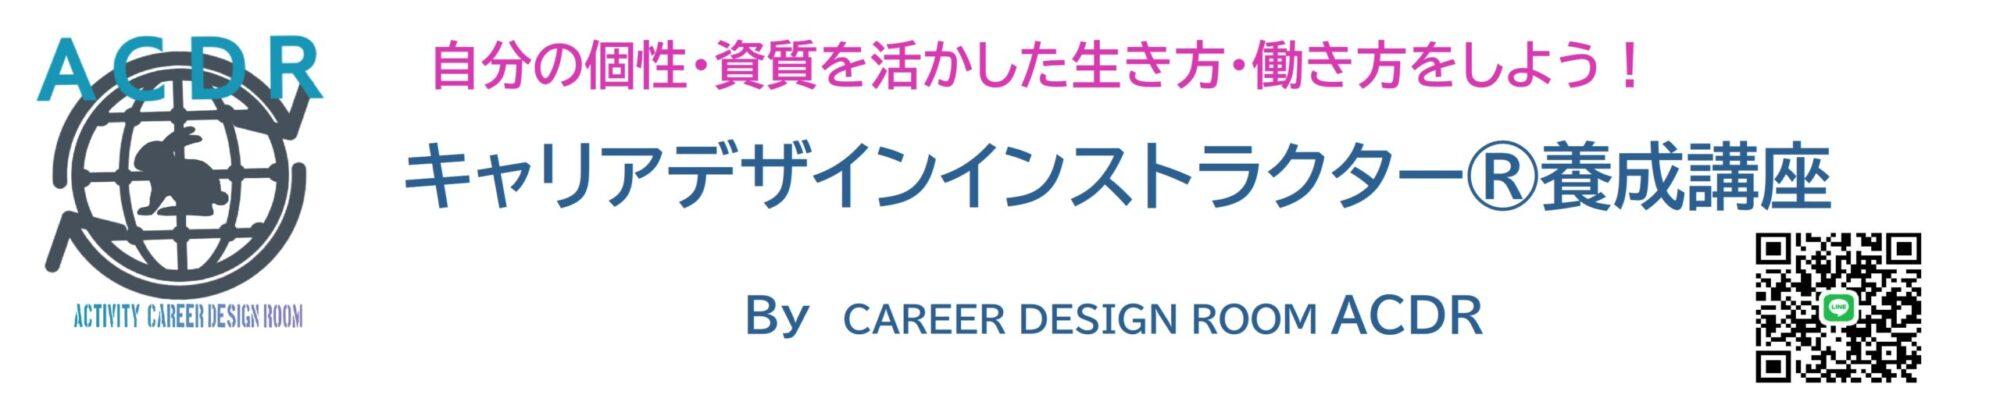 キャリアデザインACDR